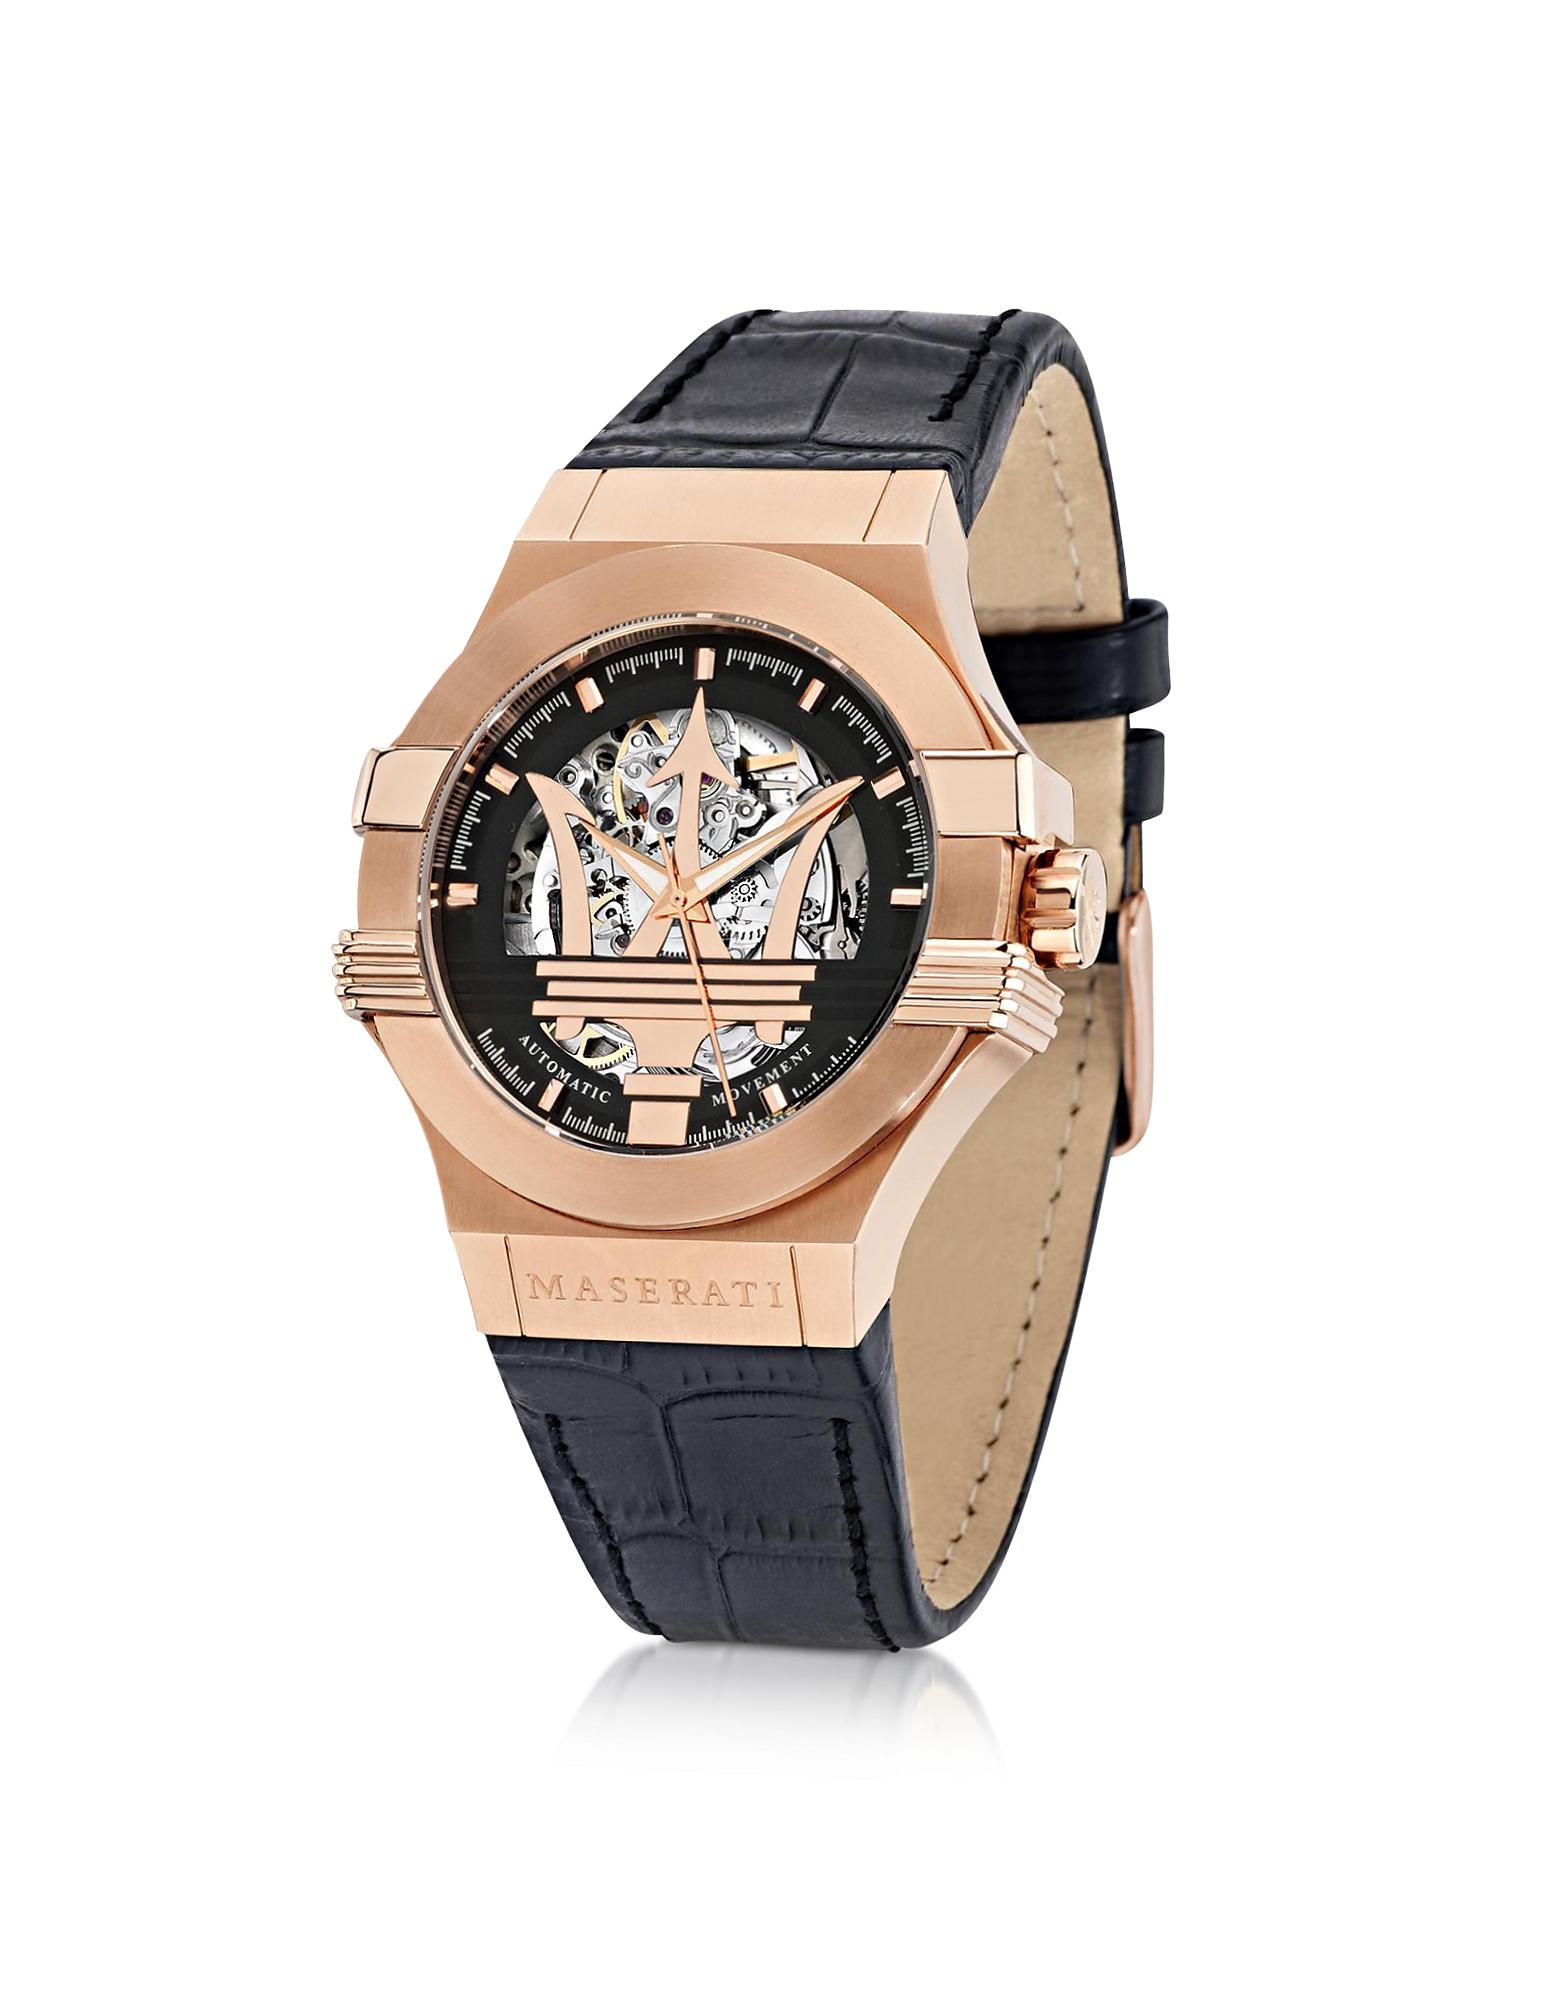 Potenza Auto - Золотистые Мужские Часы с Черным Циферблатом на Кожаном Ремешке